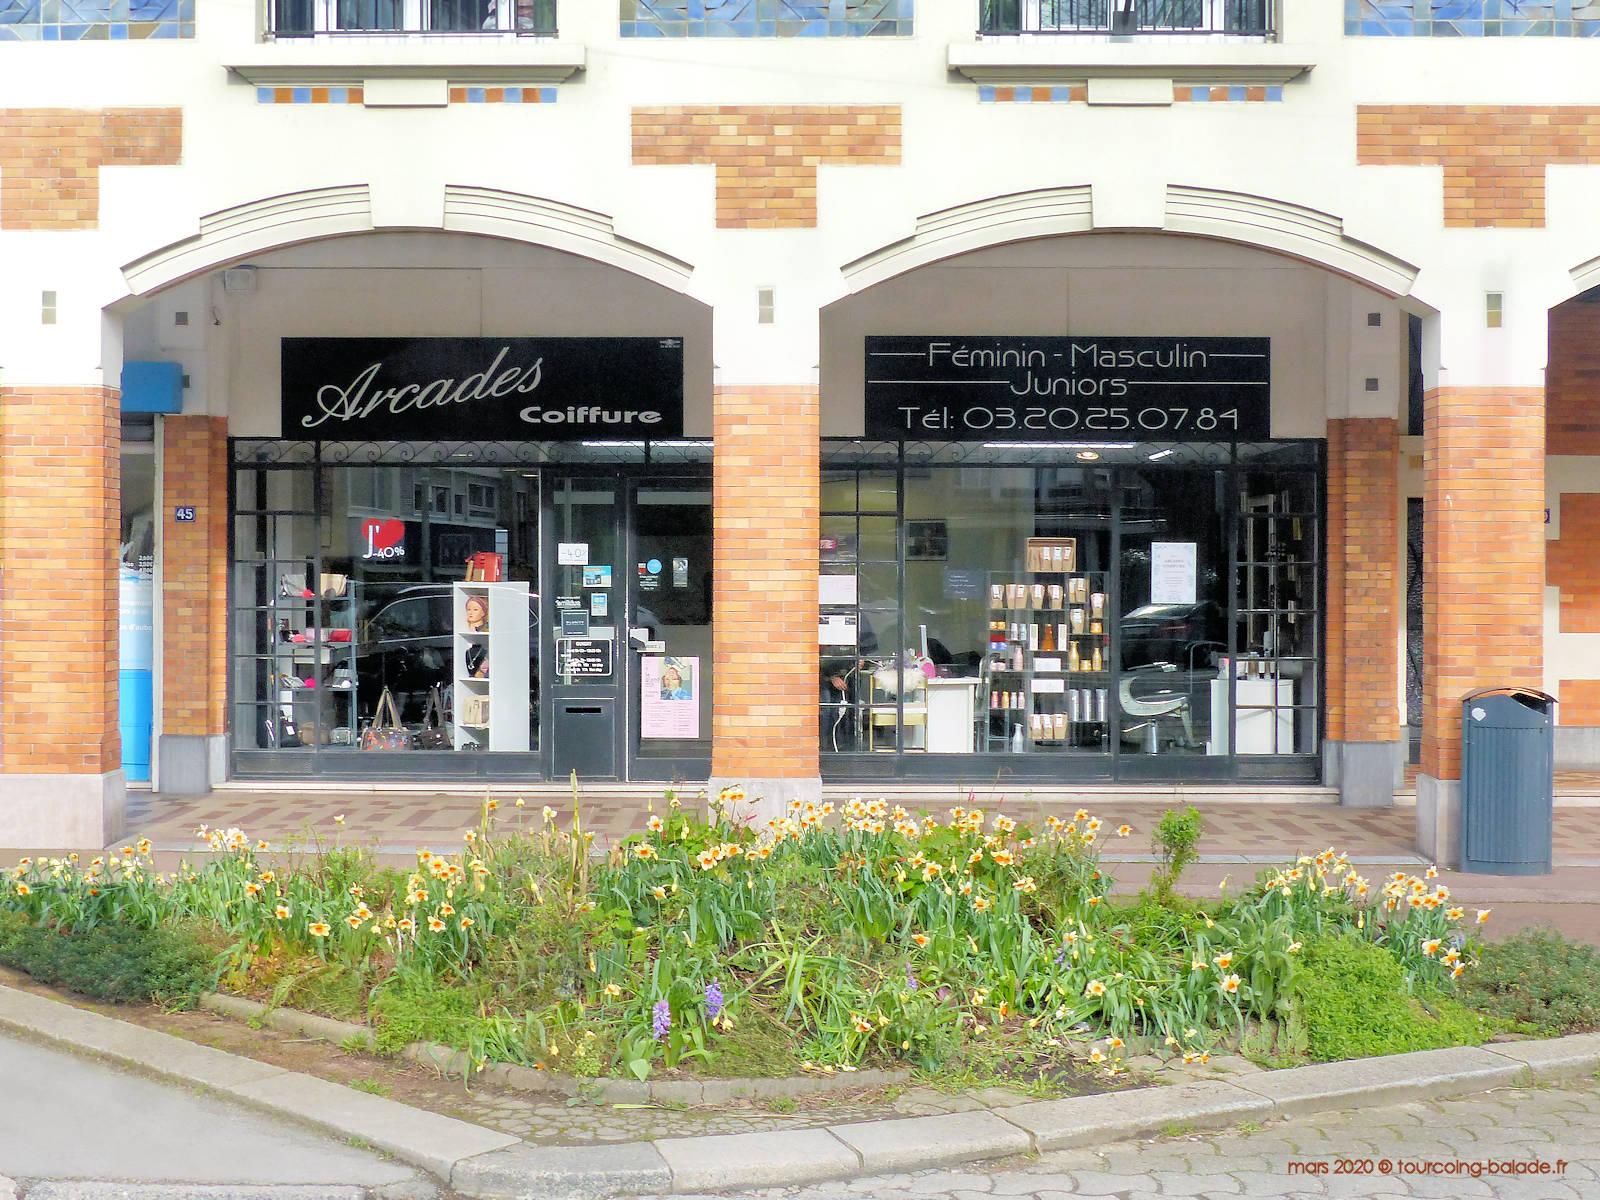 Salon de Coiffure - Arcades Coiffure, Tourcoing